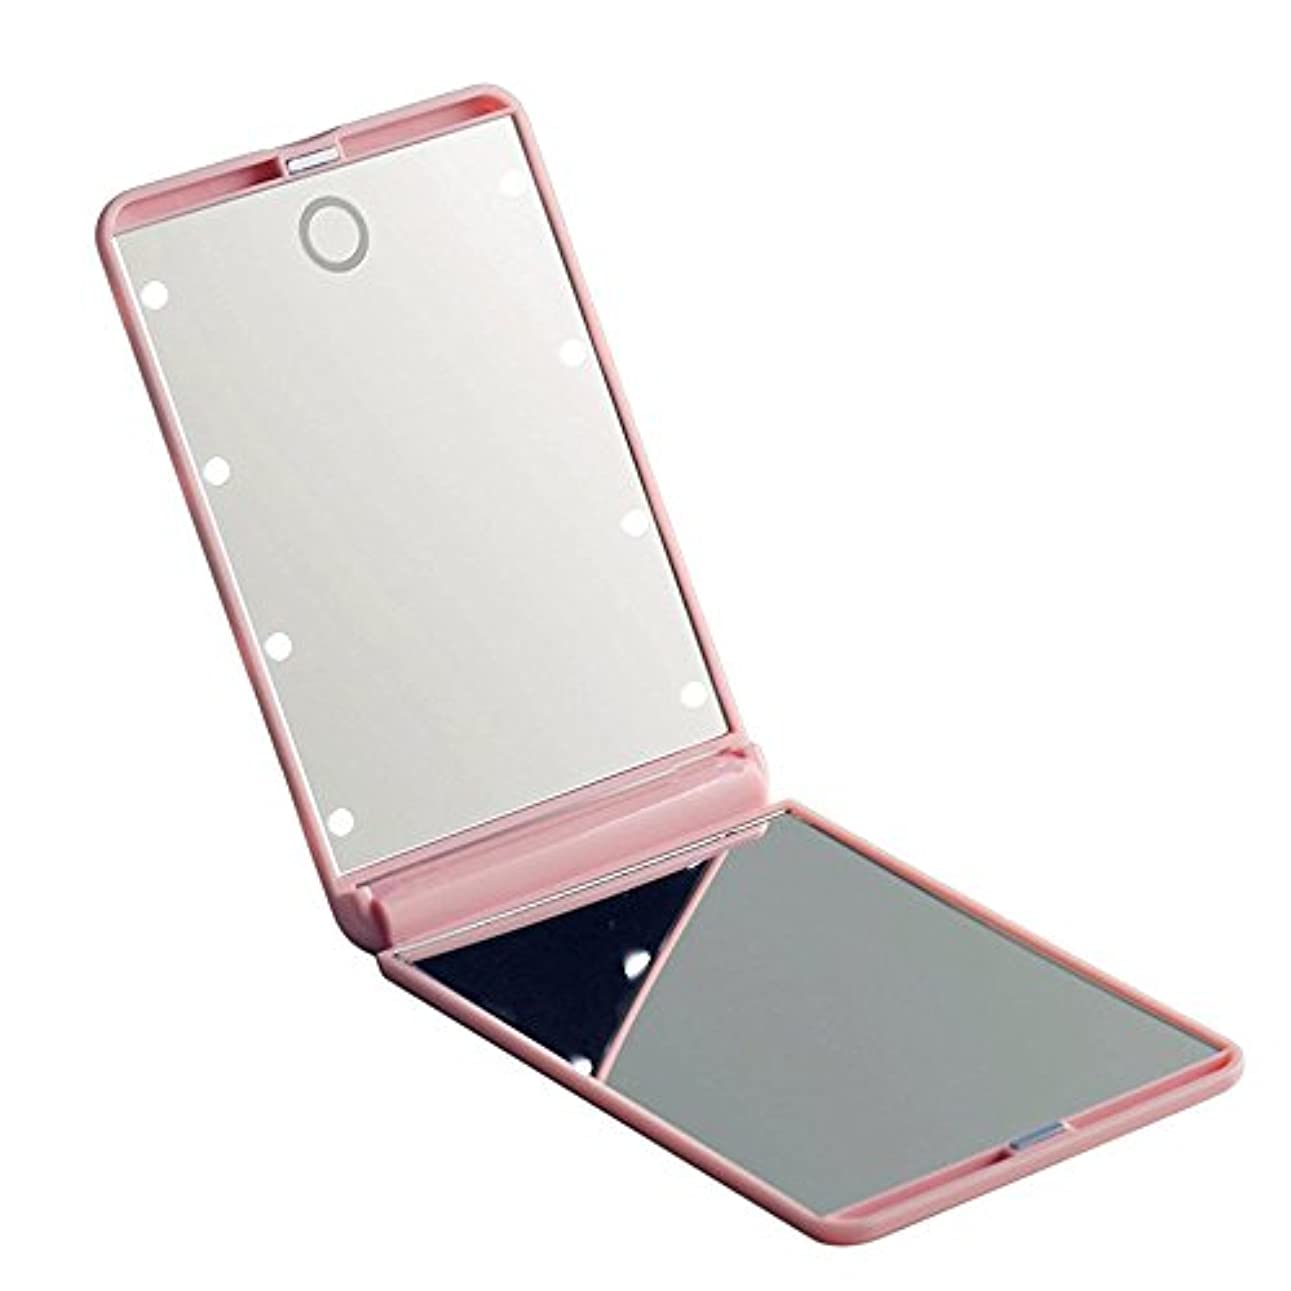 農村矢変成器led化粧鏡 二面鏡 折りたたみ式 LEDライト メイクミラー 明るさ調整 コンパクトミラー 2倍拡大鏡付 ピンク